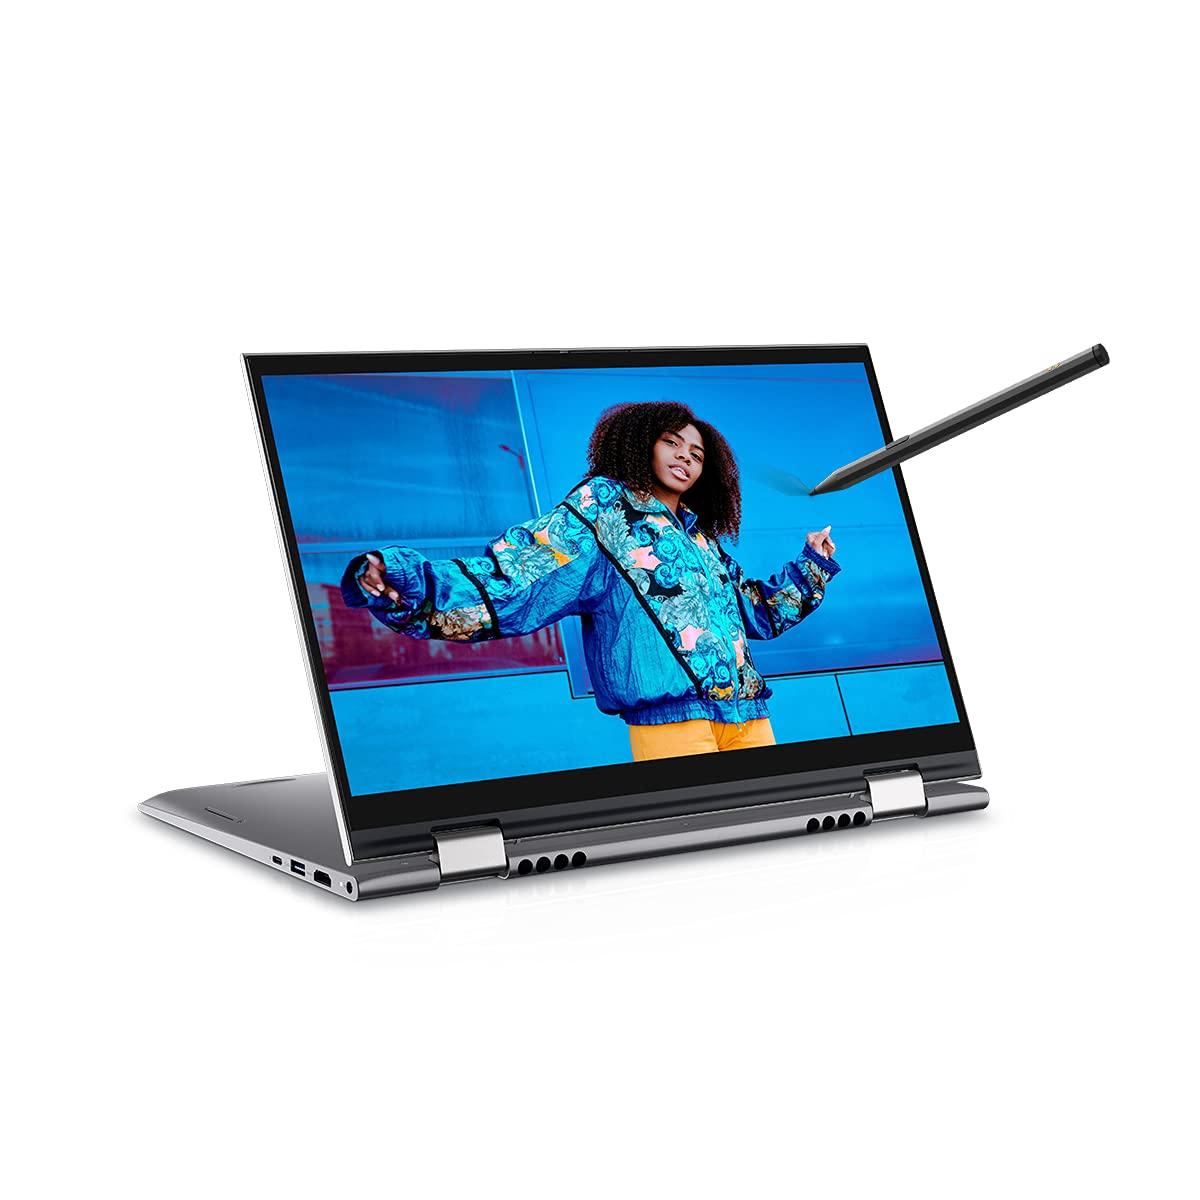 Best laptops under 90000 INR in India 2021